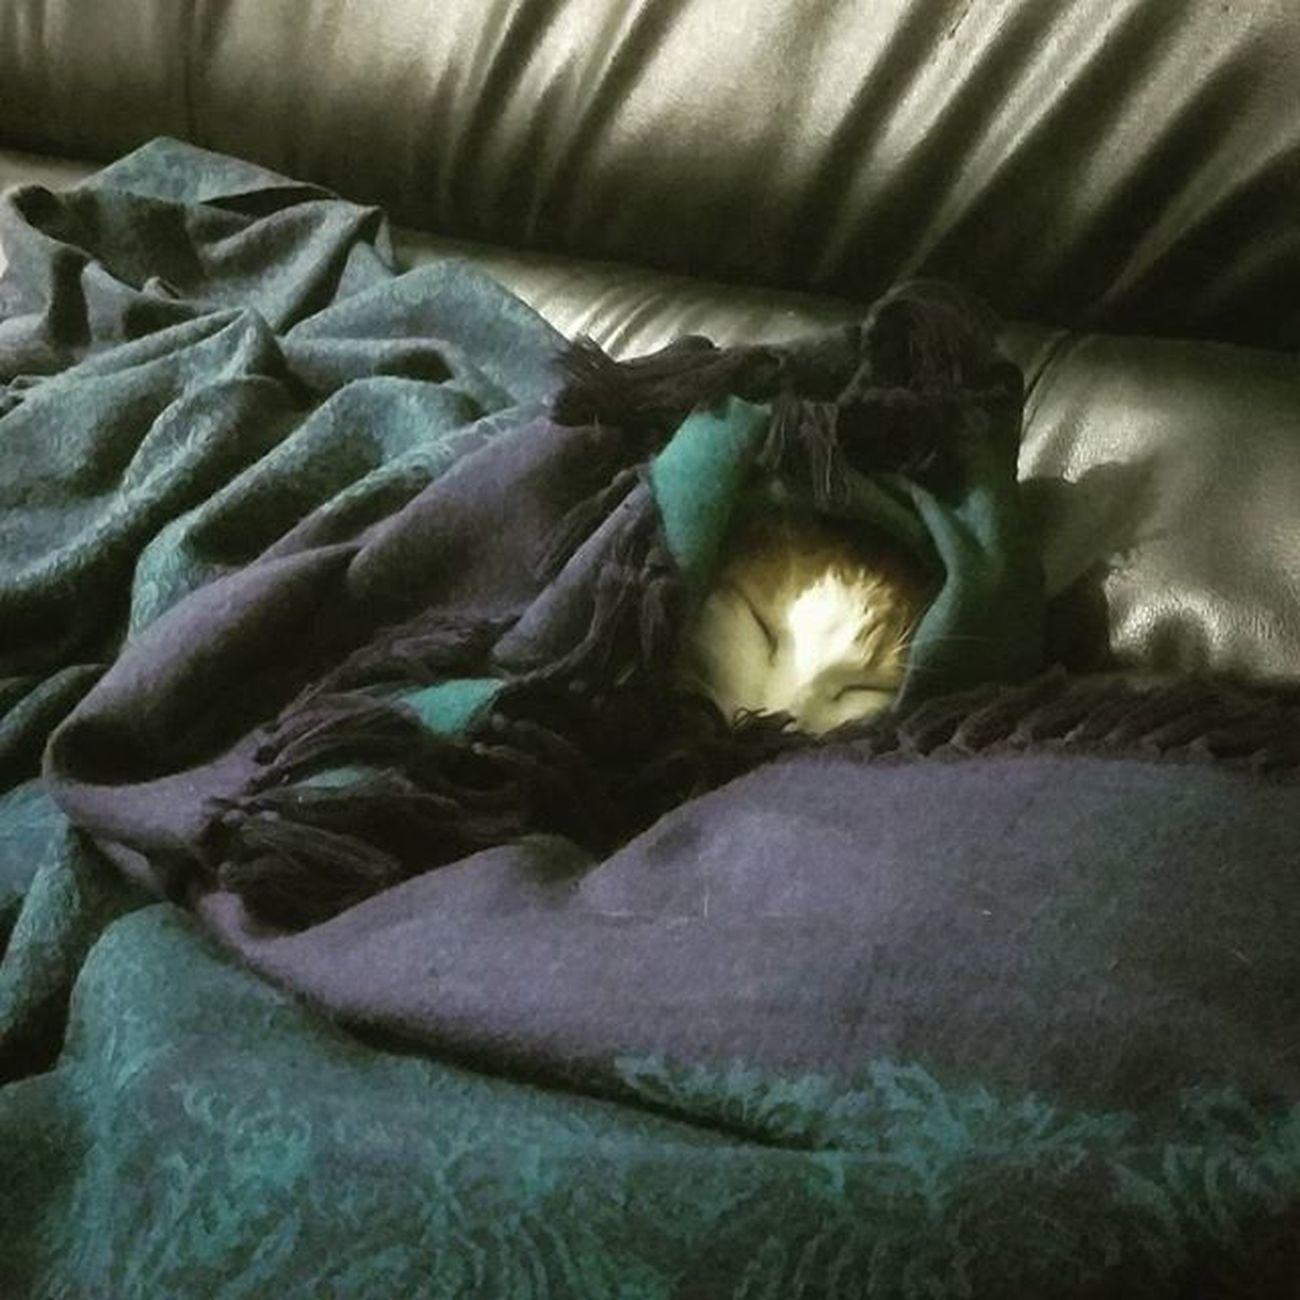 溫暖的貓咪. 小黃